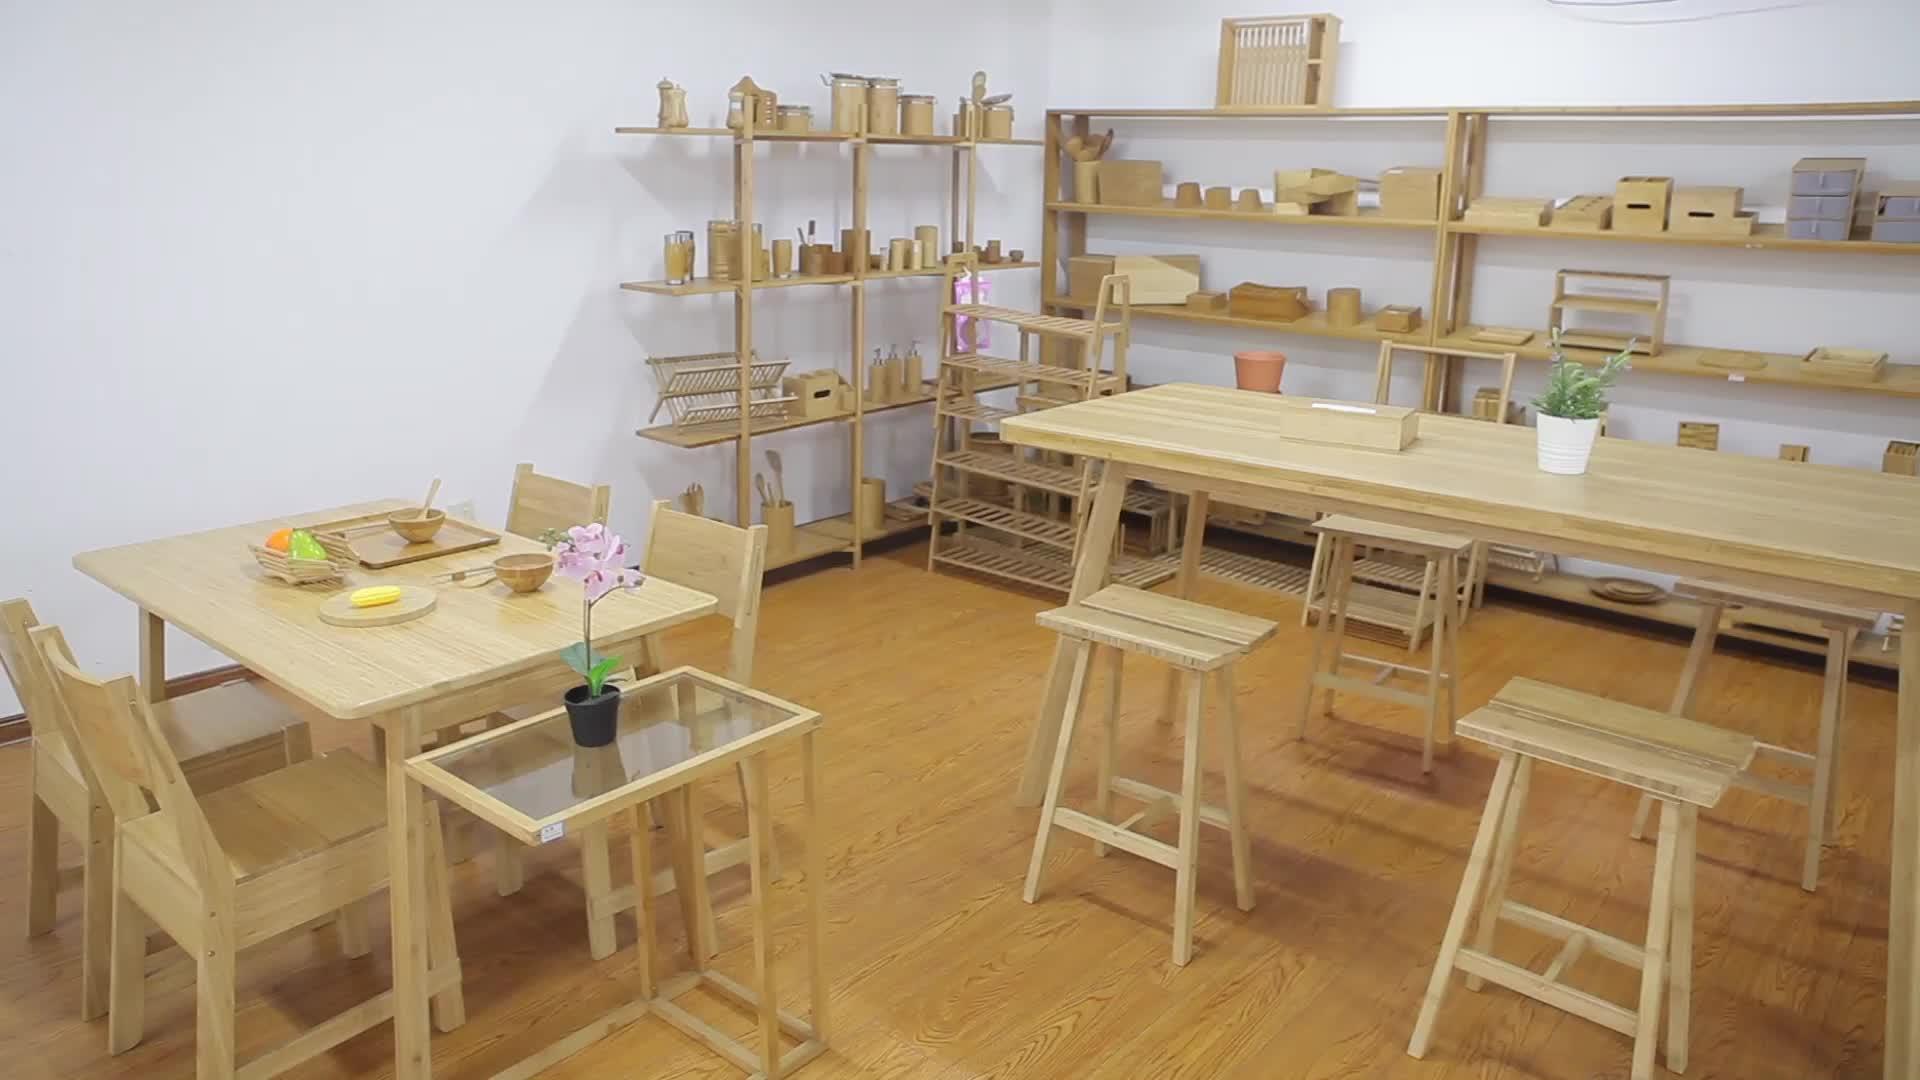 Freistehendes Bücherregal aus Bambus mit 7 Ablagen und rutschfesten Füßen